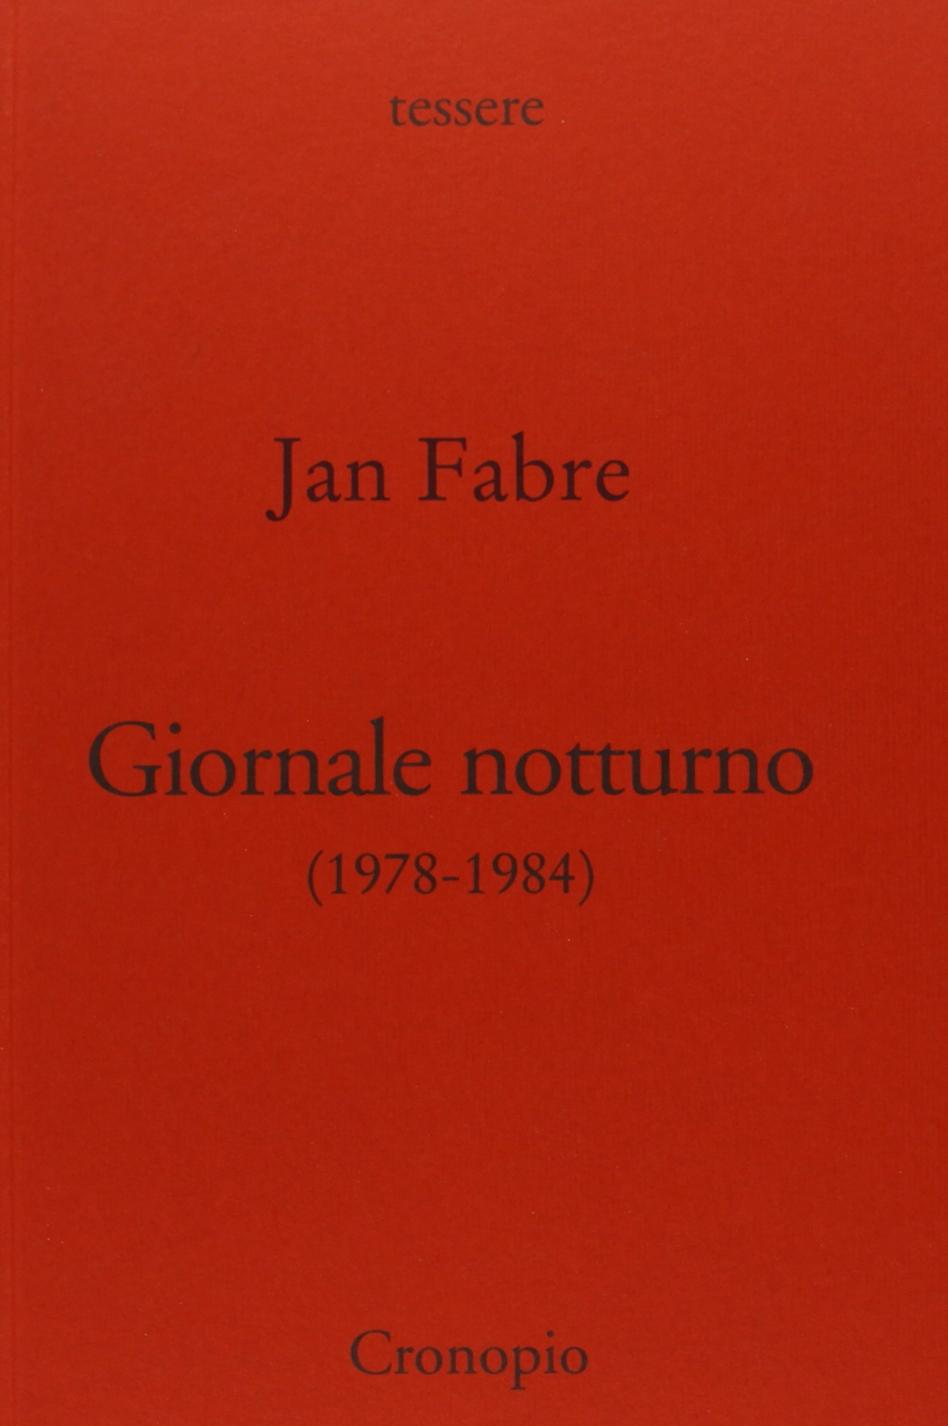 Giornale notturno (1978-1984)